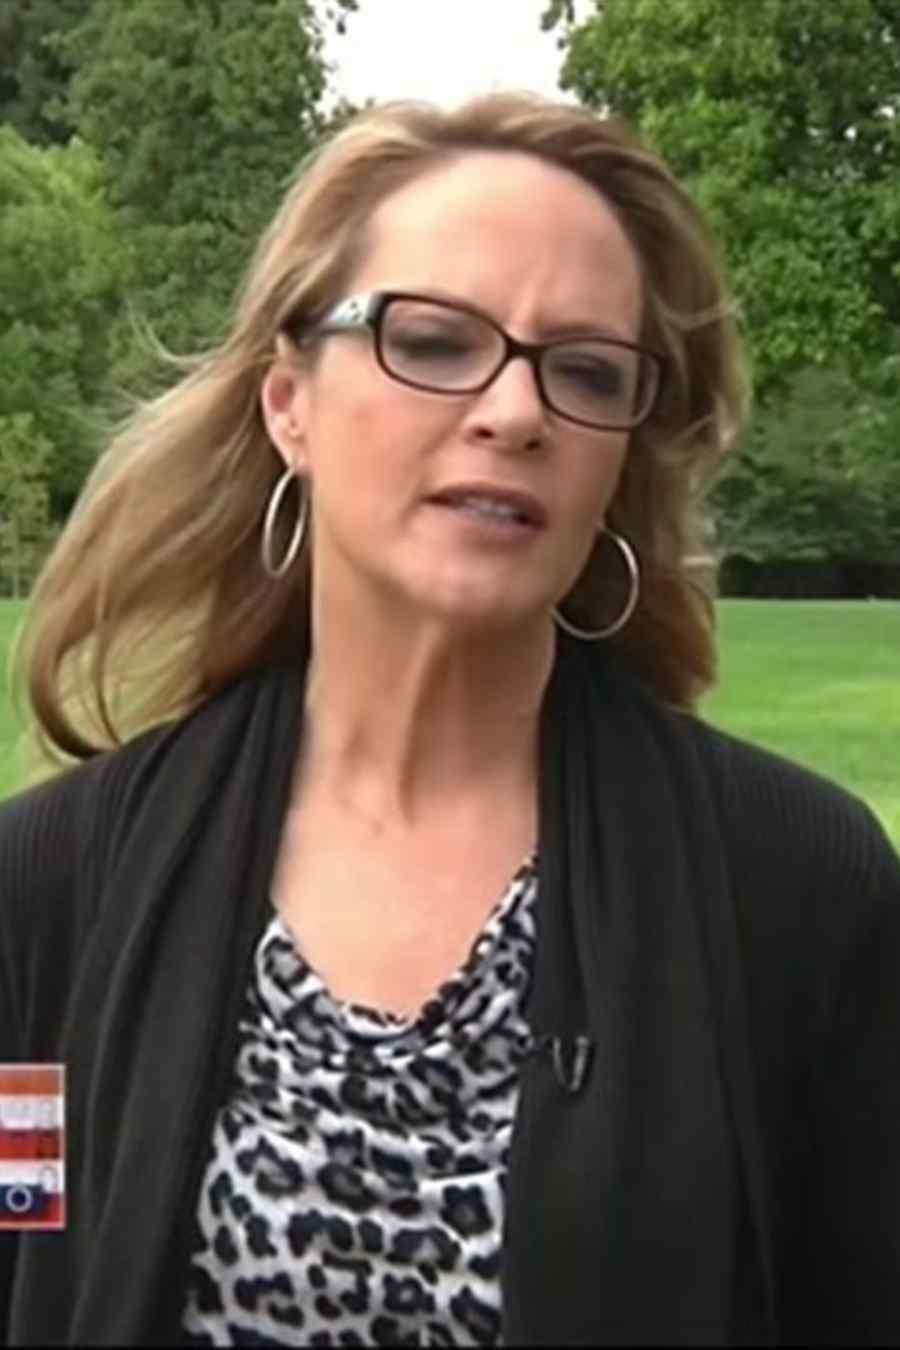 ... con arma de fuego en las manos enfrentan cargos (VIDEO) | Telemundo